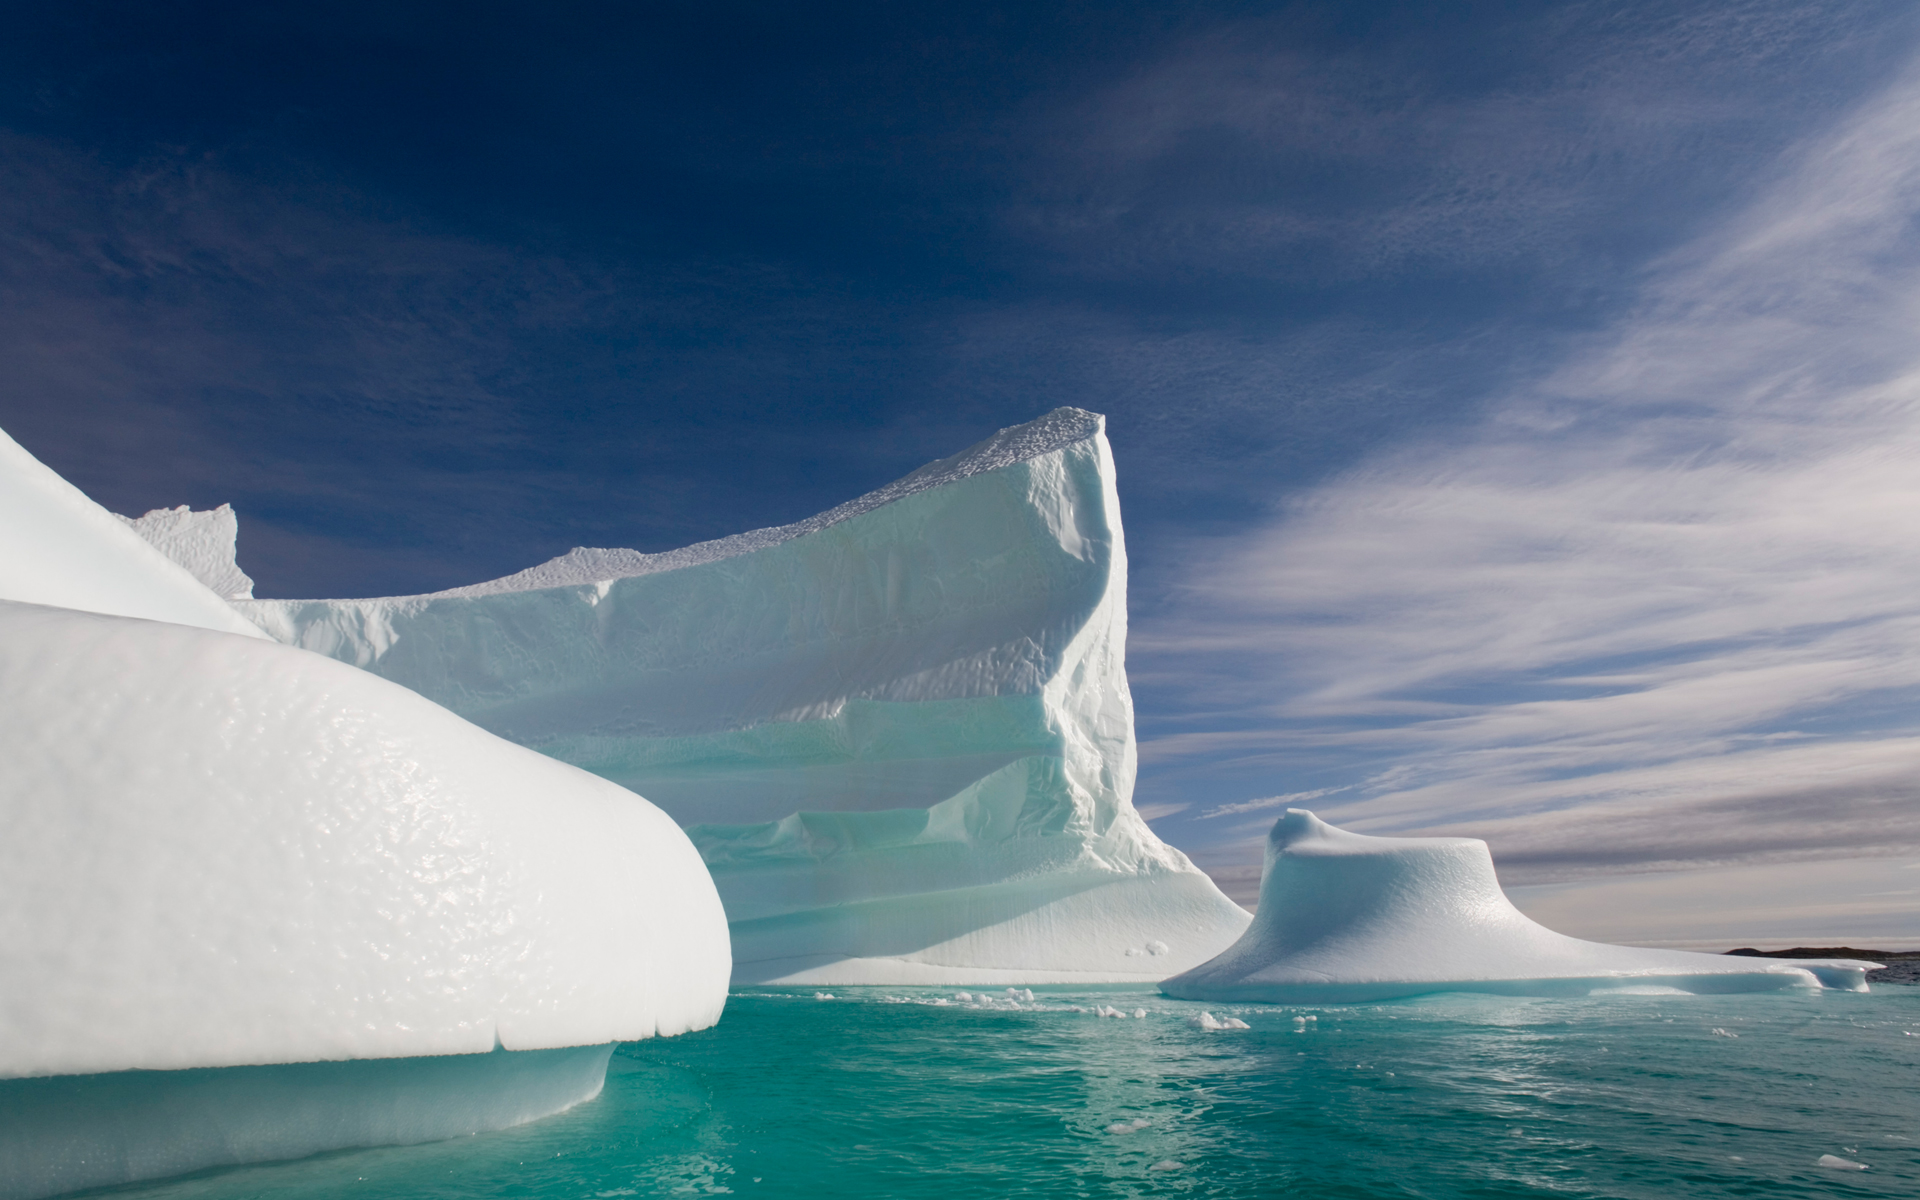 Arctic+wallpaper